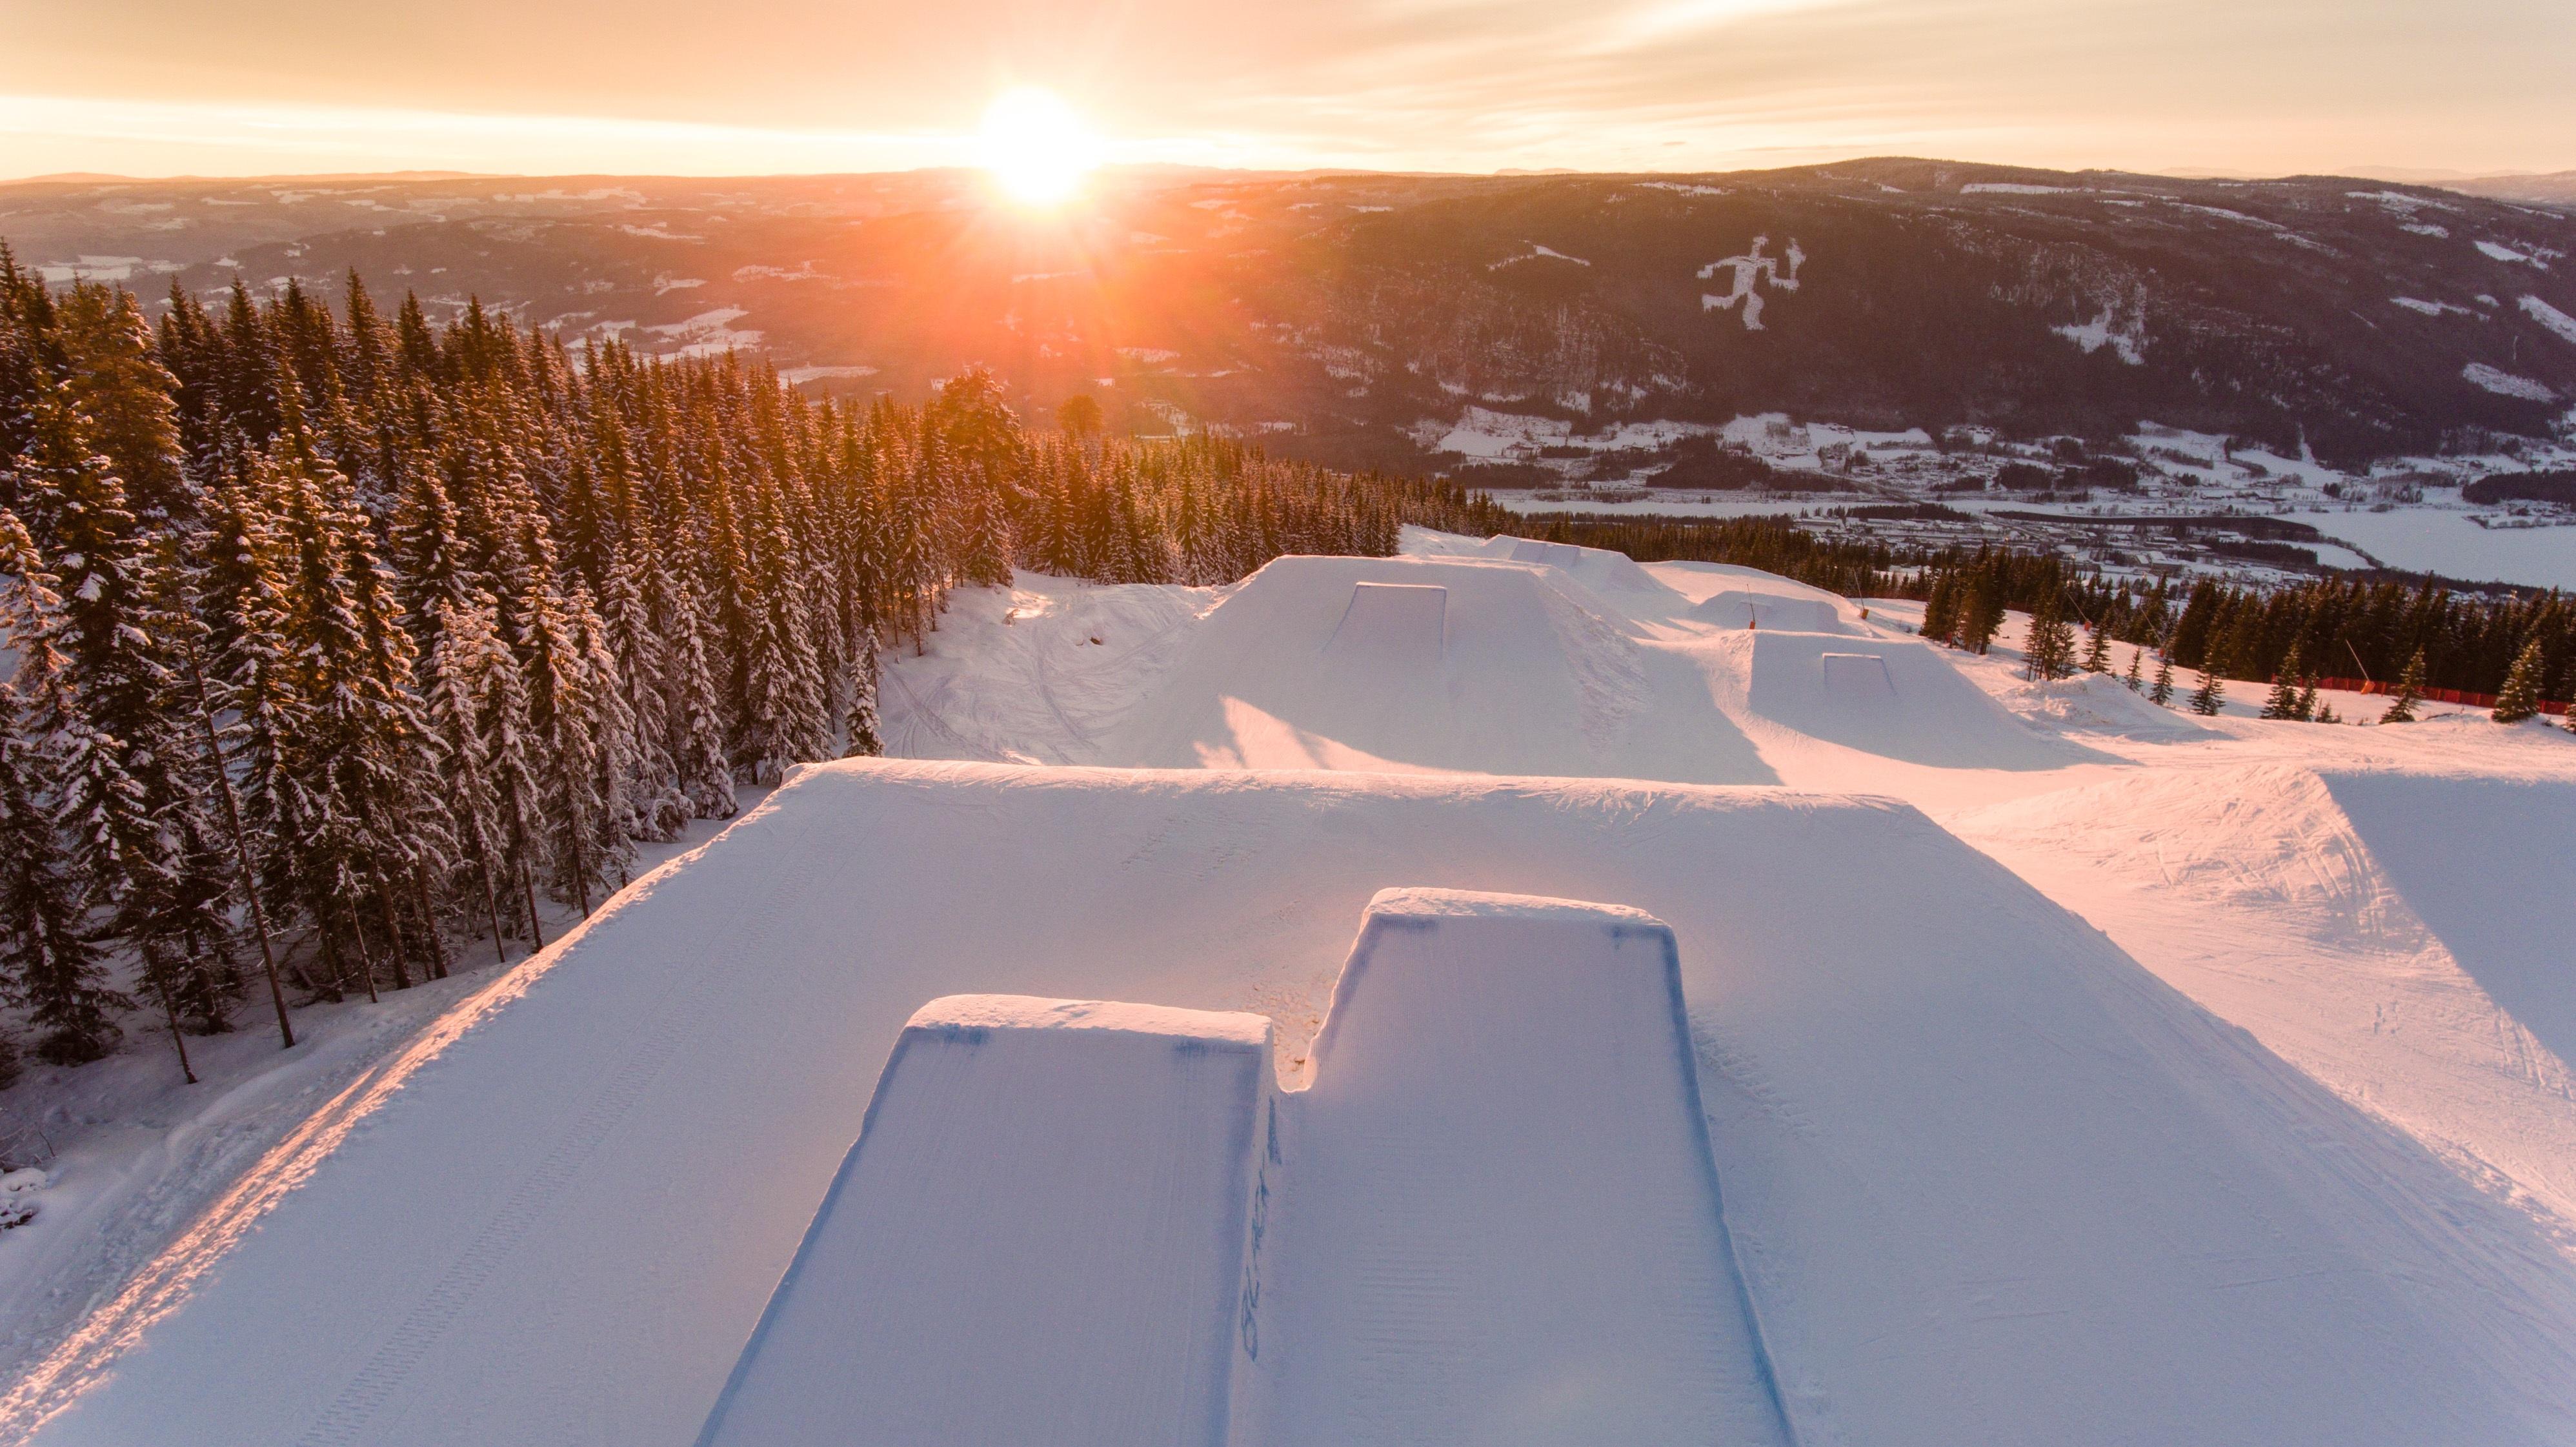 hermosas fotos de invierno naturaleza Fotos Gratis Hermosa Invierno Puesta De Sol Amanecer